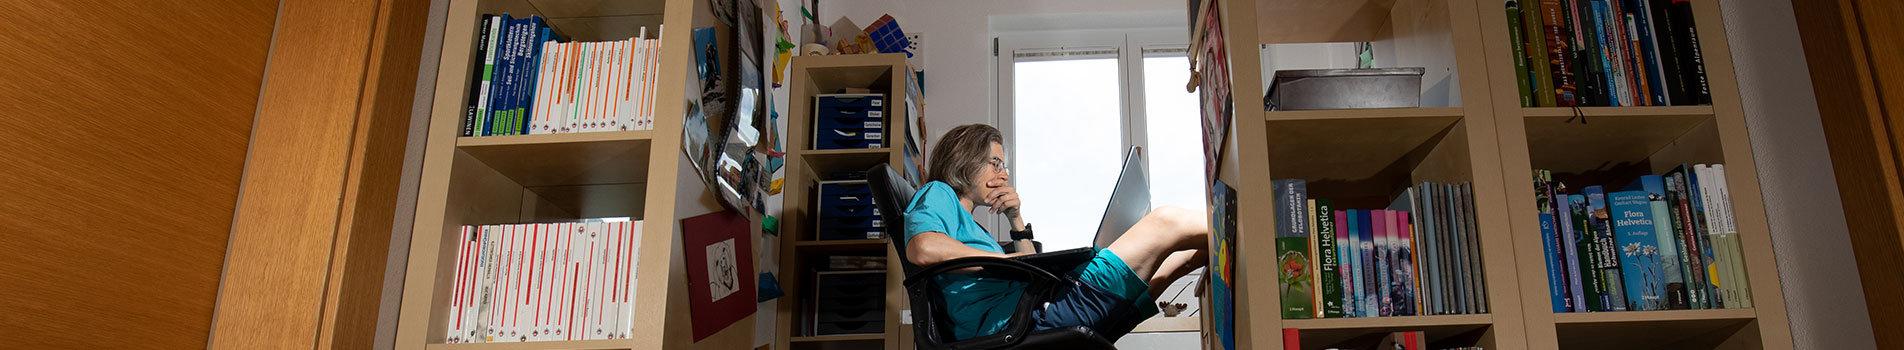 Büroarbeit-©-Bild-ErlebnisWandern.jpg